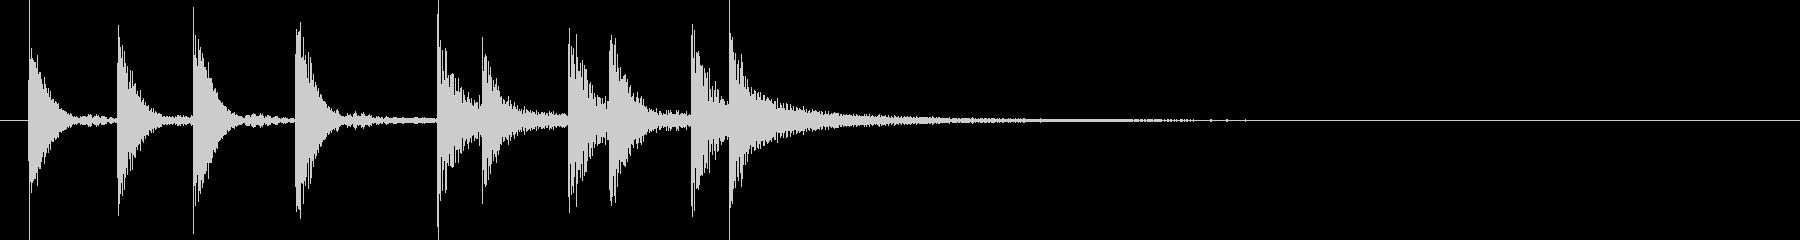 ドラム/ティンバレス フィルイン 15の未再生の波形